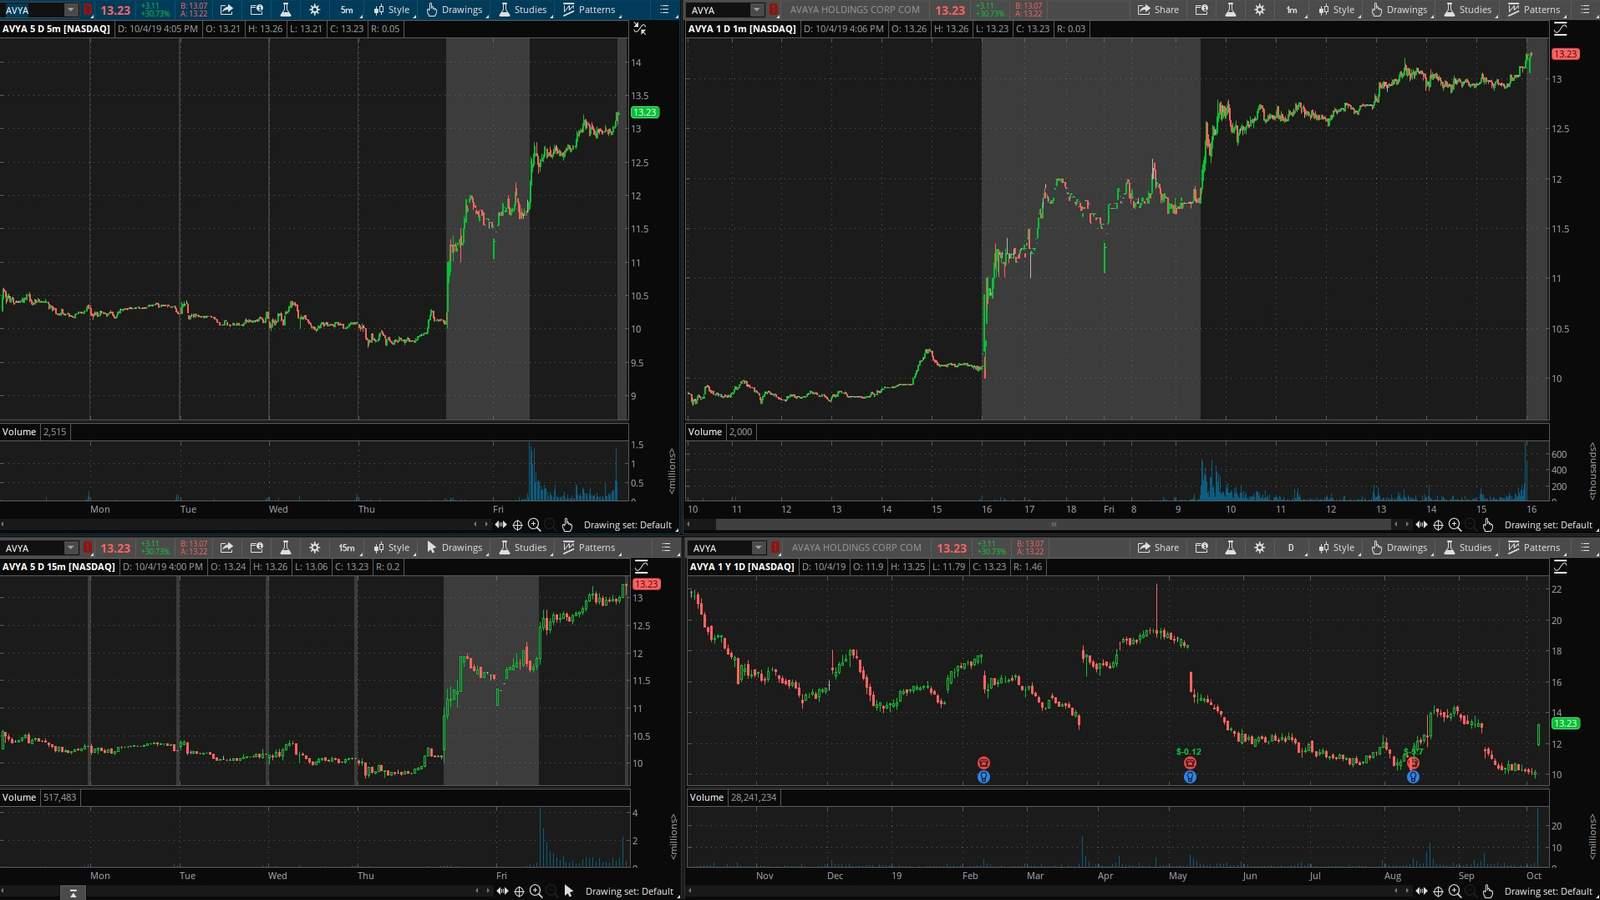 AVVA акция на фондовой бирже